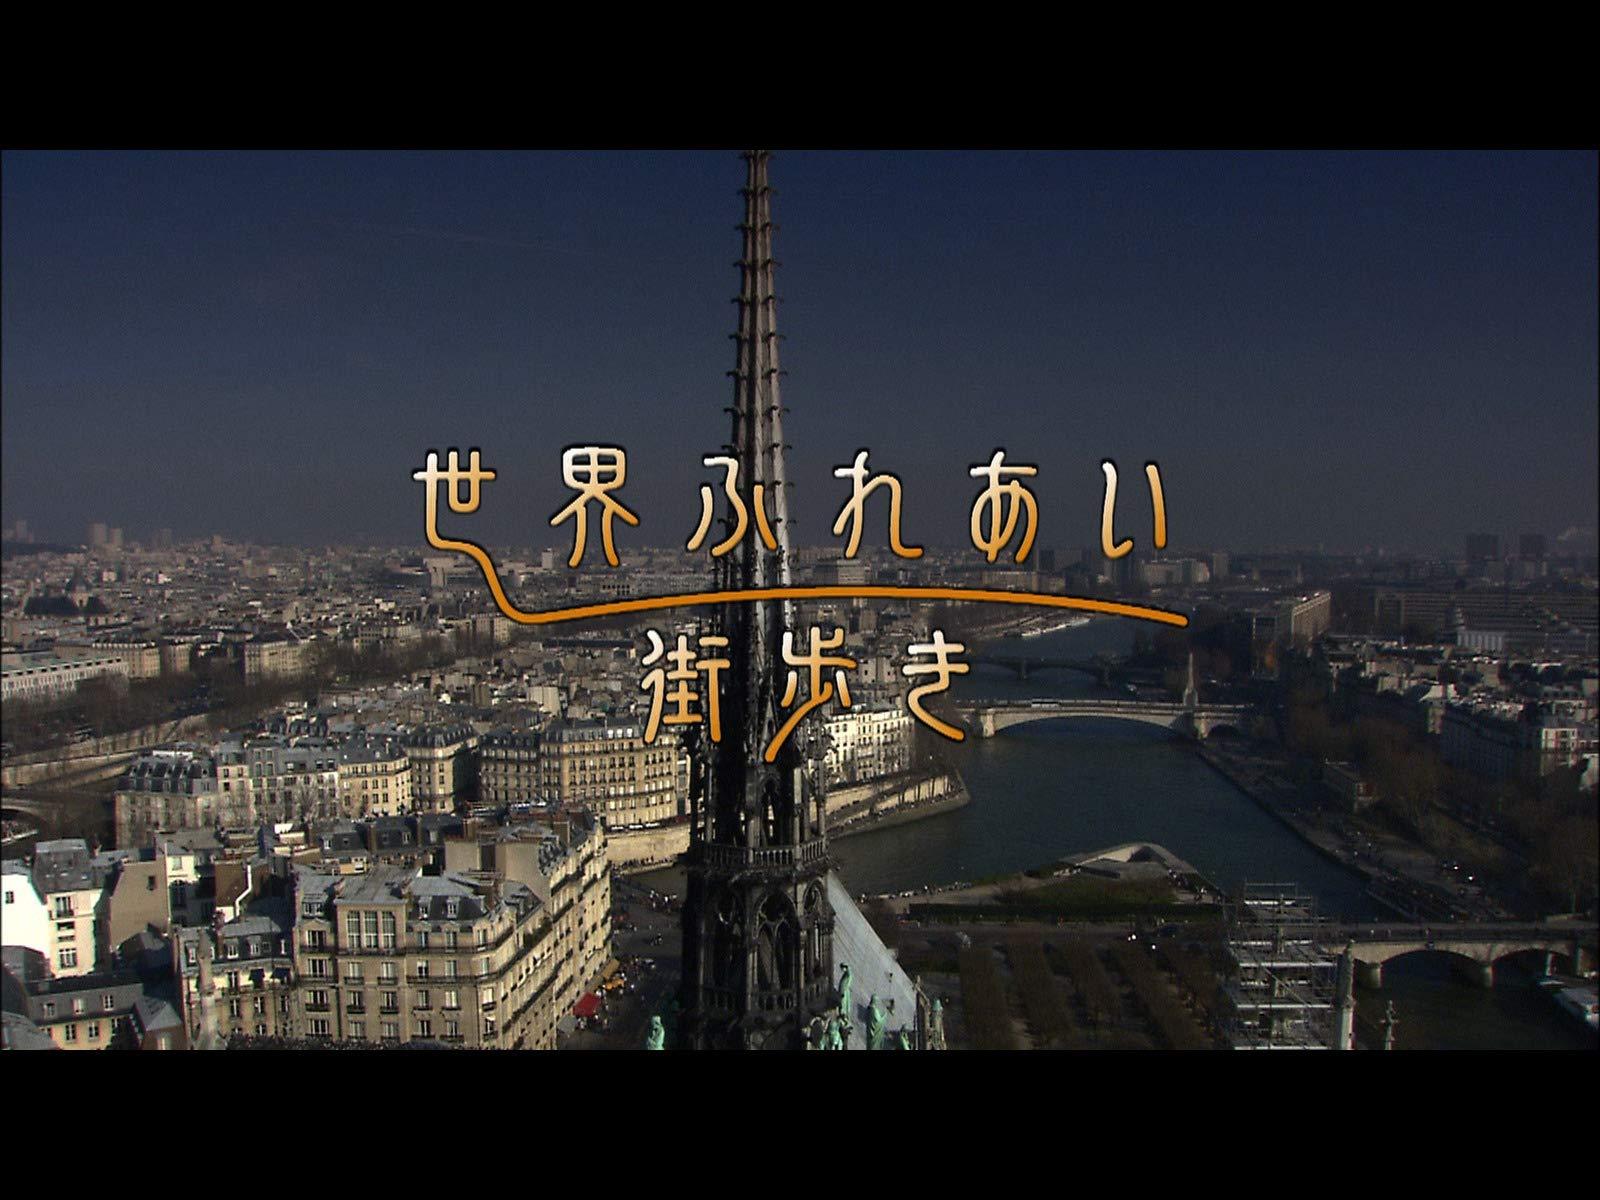 街 世界 歩き ふれあい